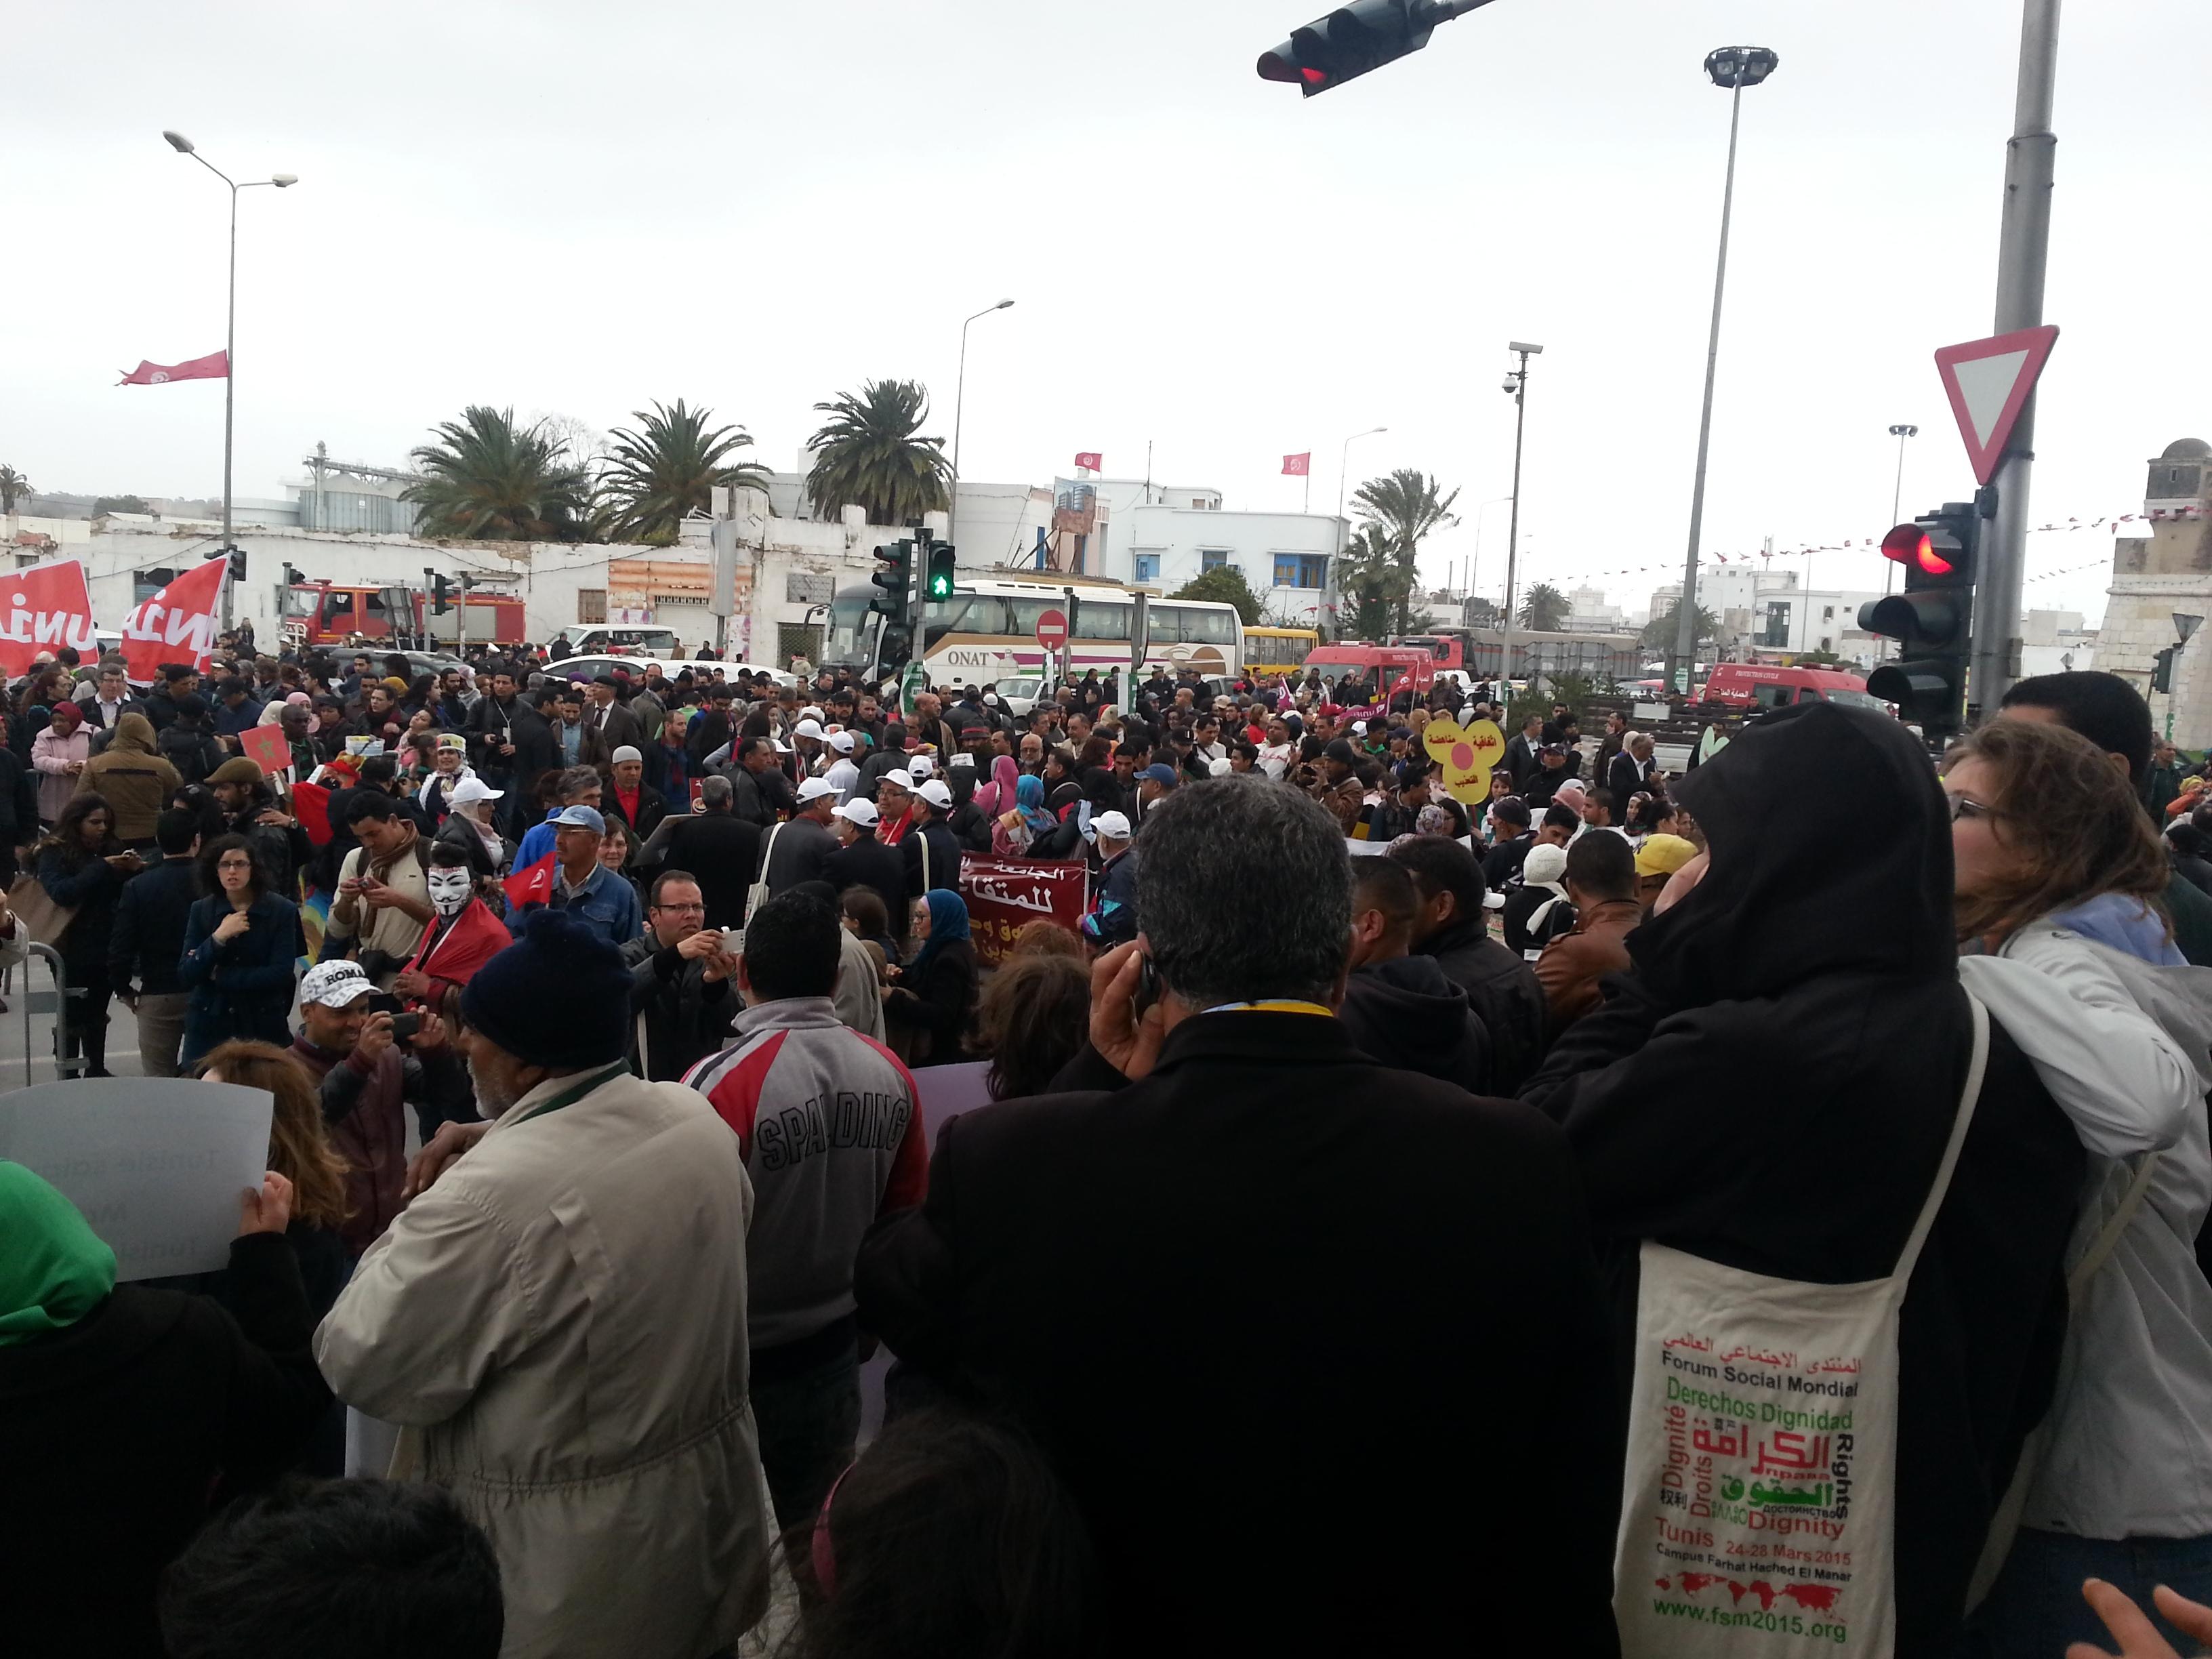 تقرير حول مشاركة جمعية المغاربة ضحايا الطرد التعسفي من الجزائر  في أشغال المنتدى الاجتماعي العالمي 2015 بالعاصمة التونسية